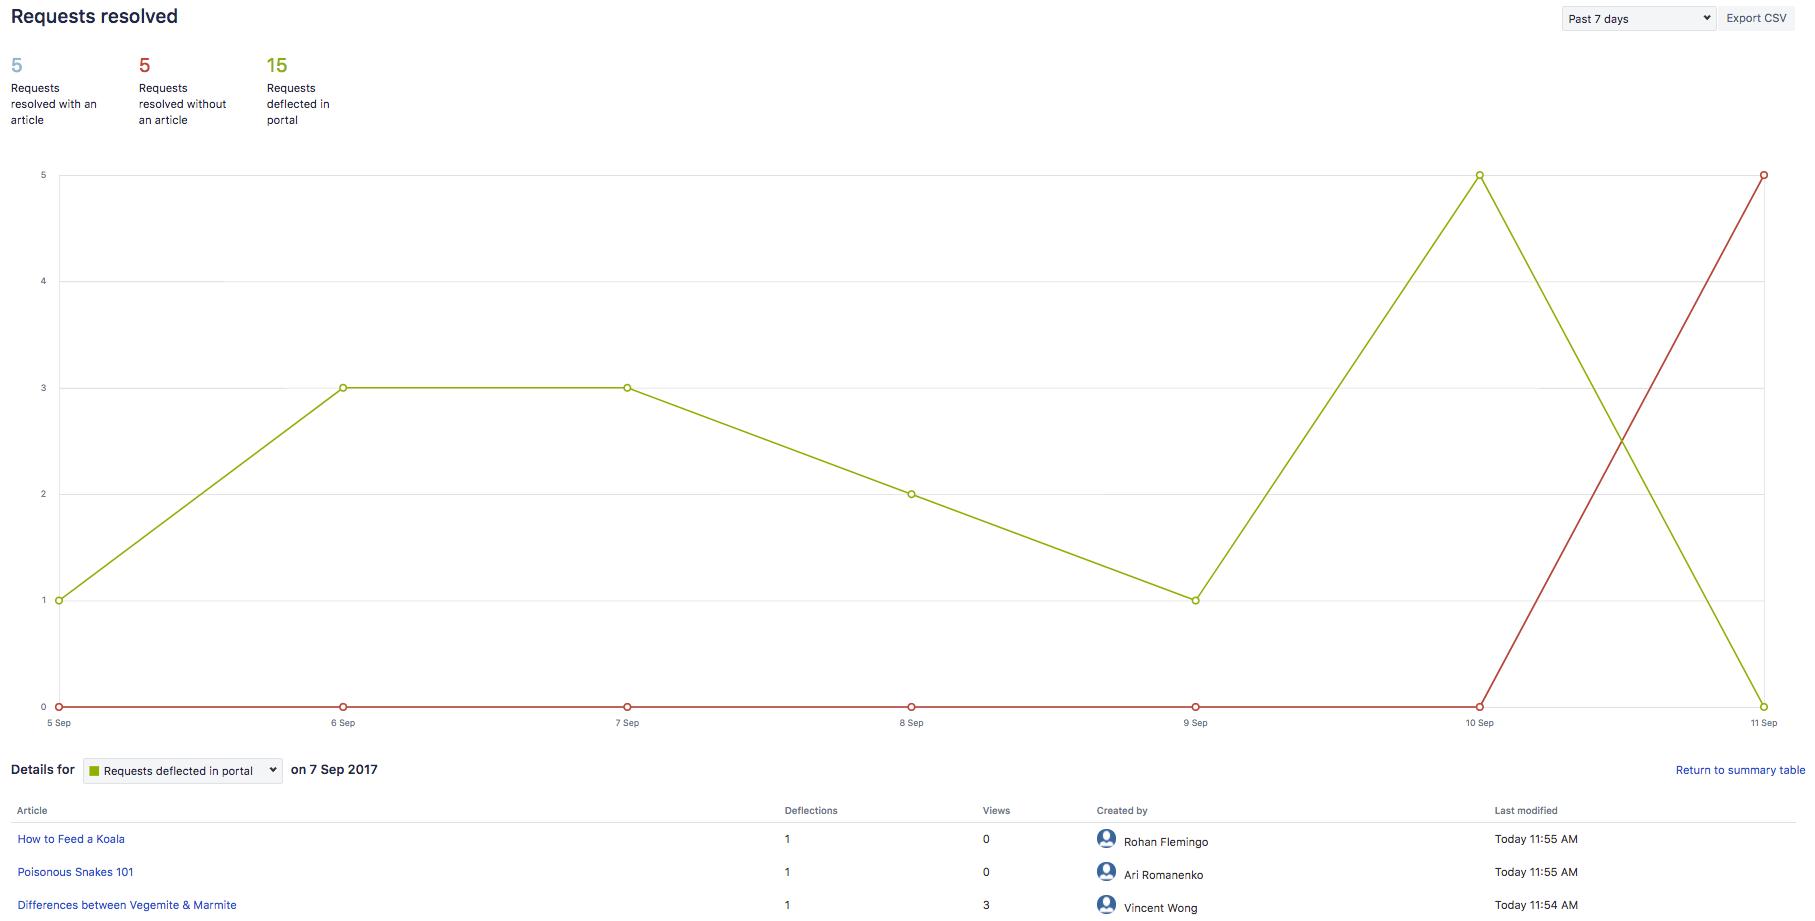 Grafico delle richieste risolte